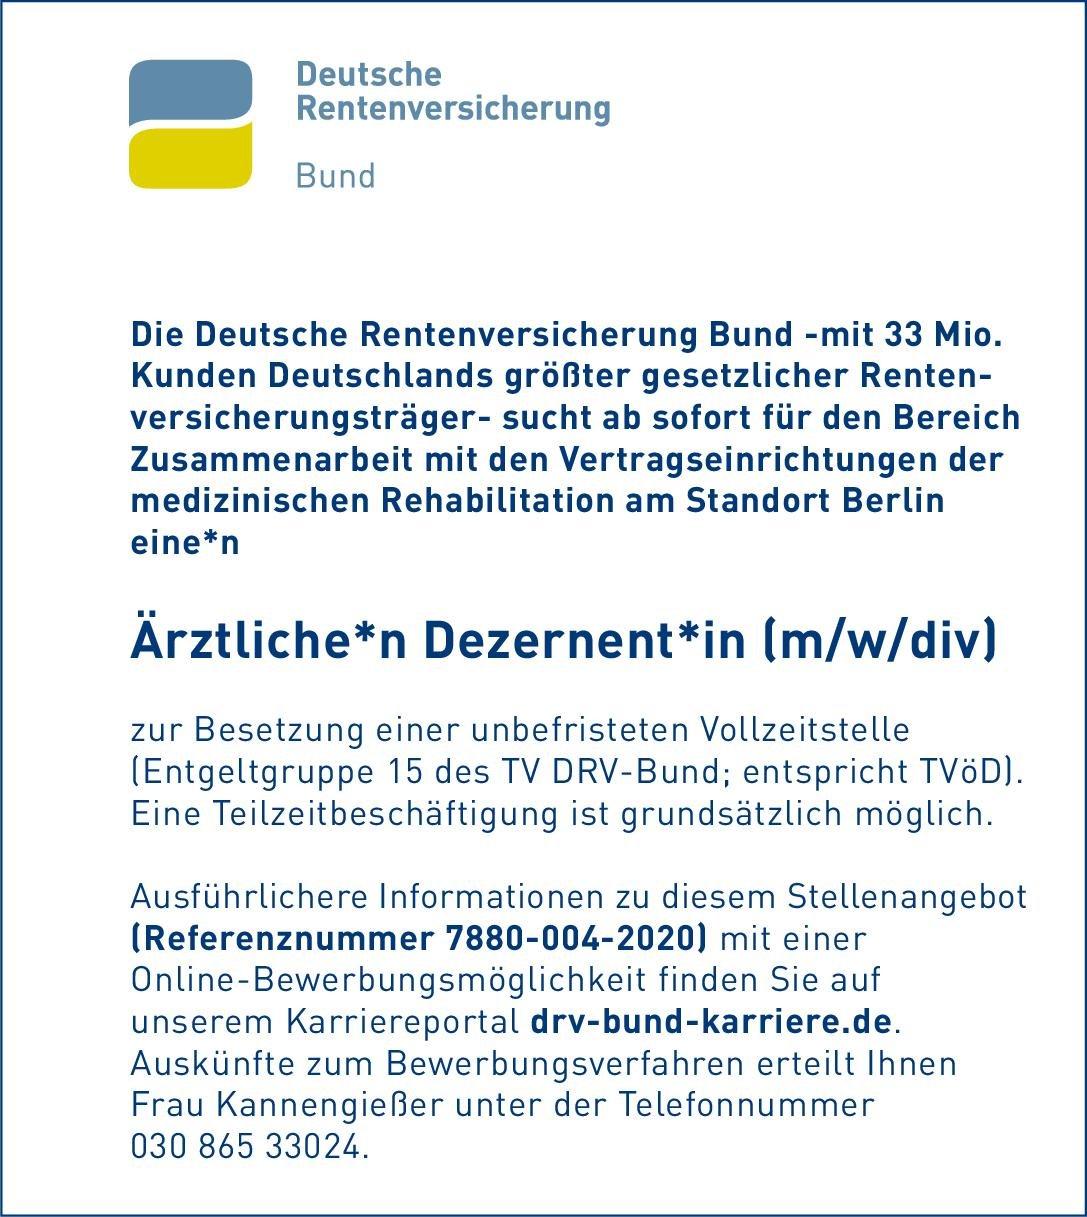 Deutsche Rentenversicherung Bund Ärztliche*r Dezernent*in (m/w/div) * ohne Gebiete Andere Tätigkeit, Arzt / Facharzt